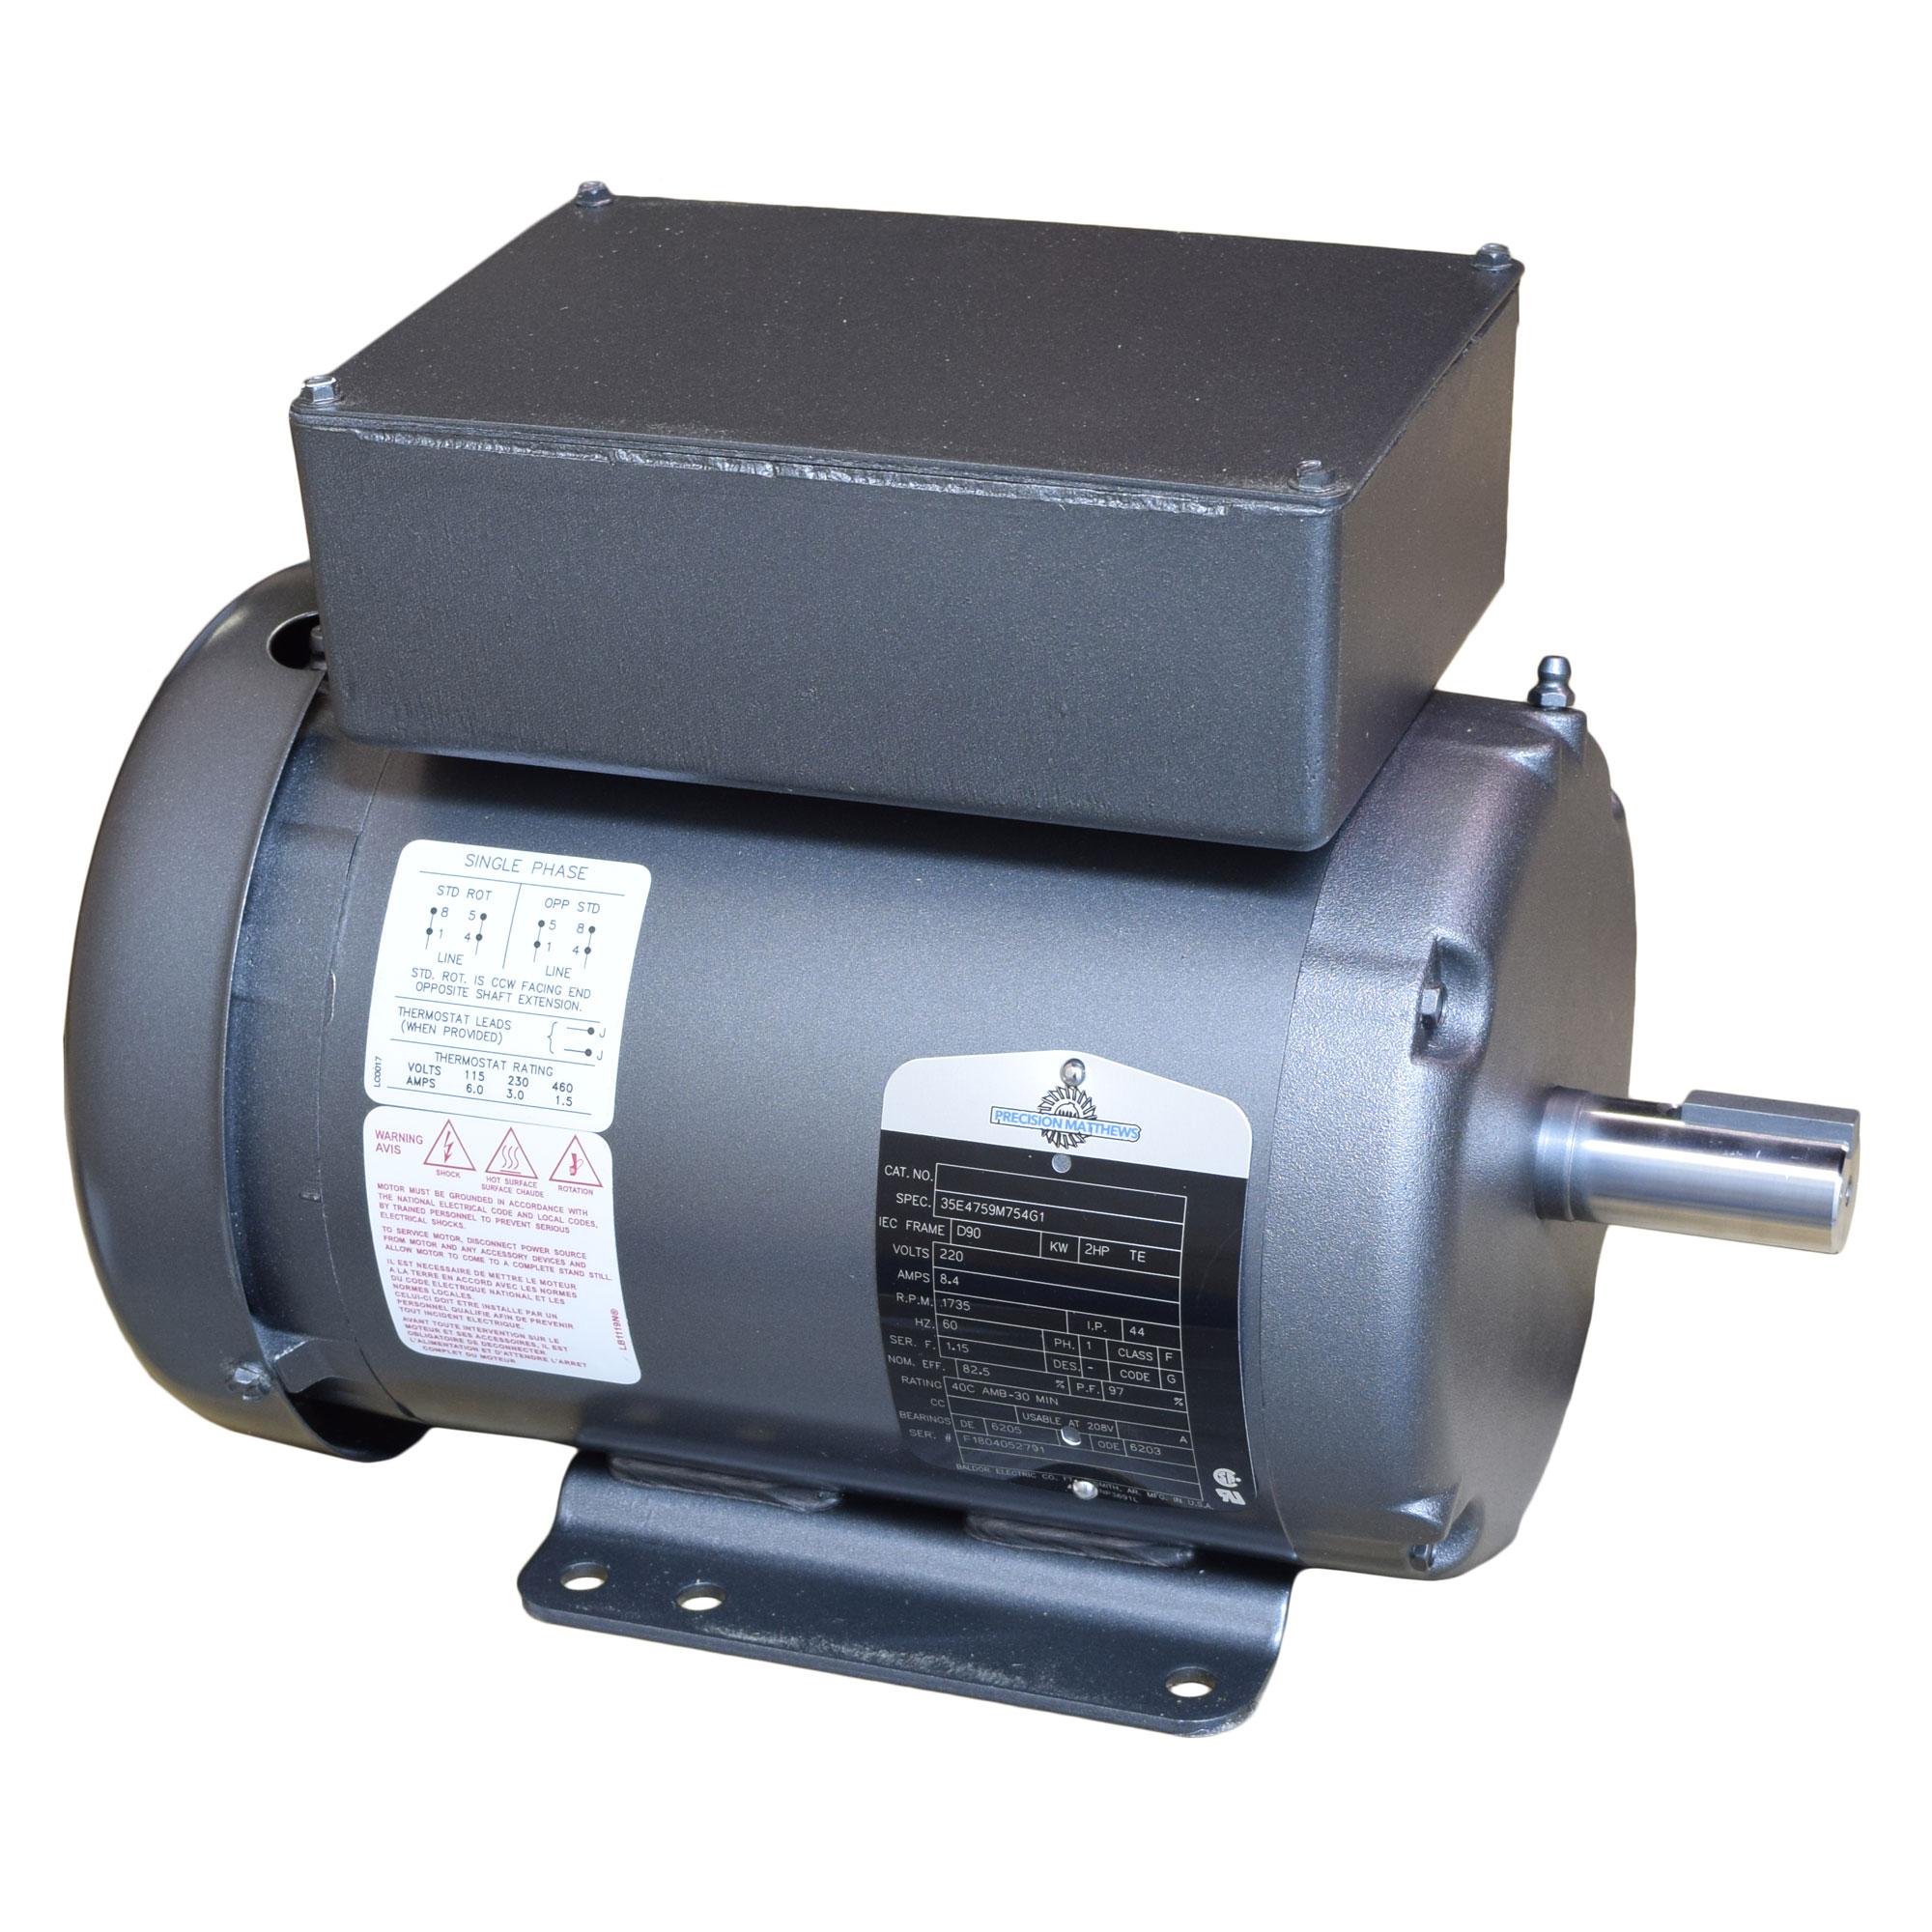 Hr 4849 Single Phase Motor Baldor Motor Frame Chart Single Phase Motor Wiring Wiring Diagram